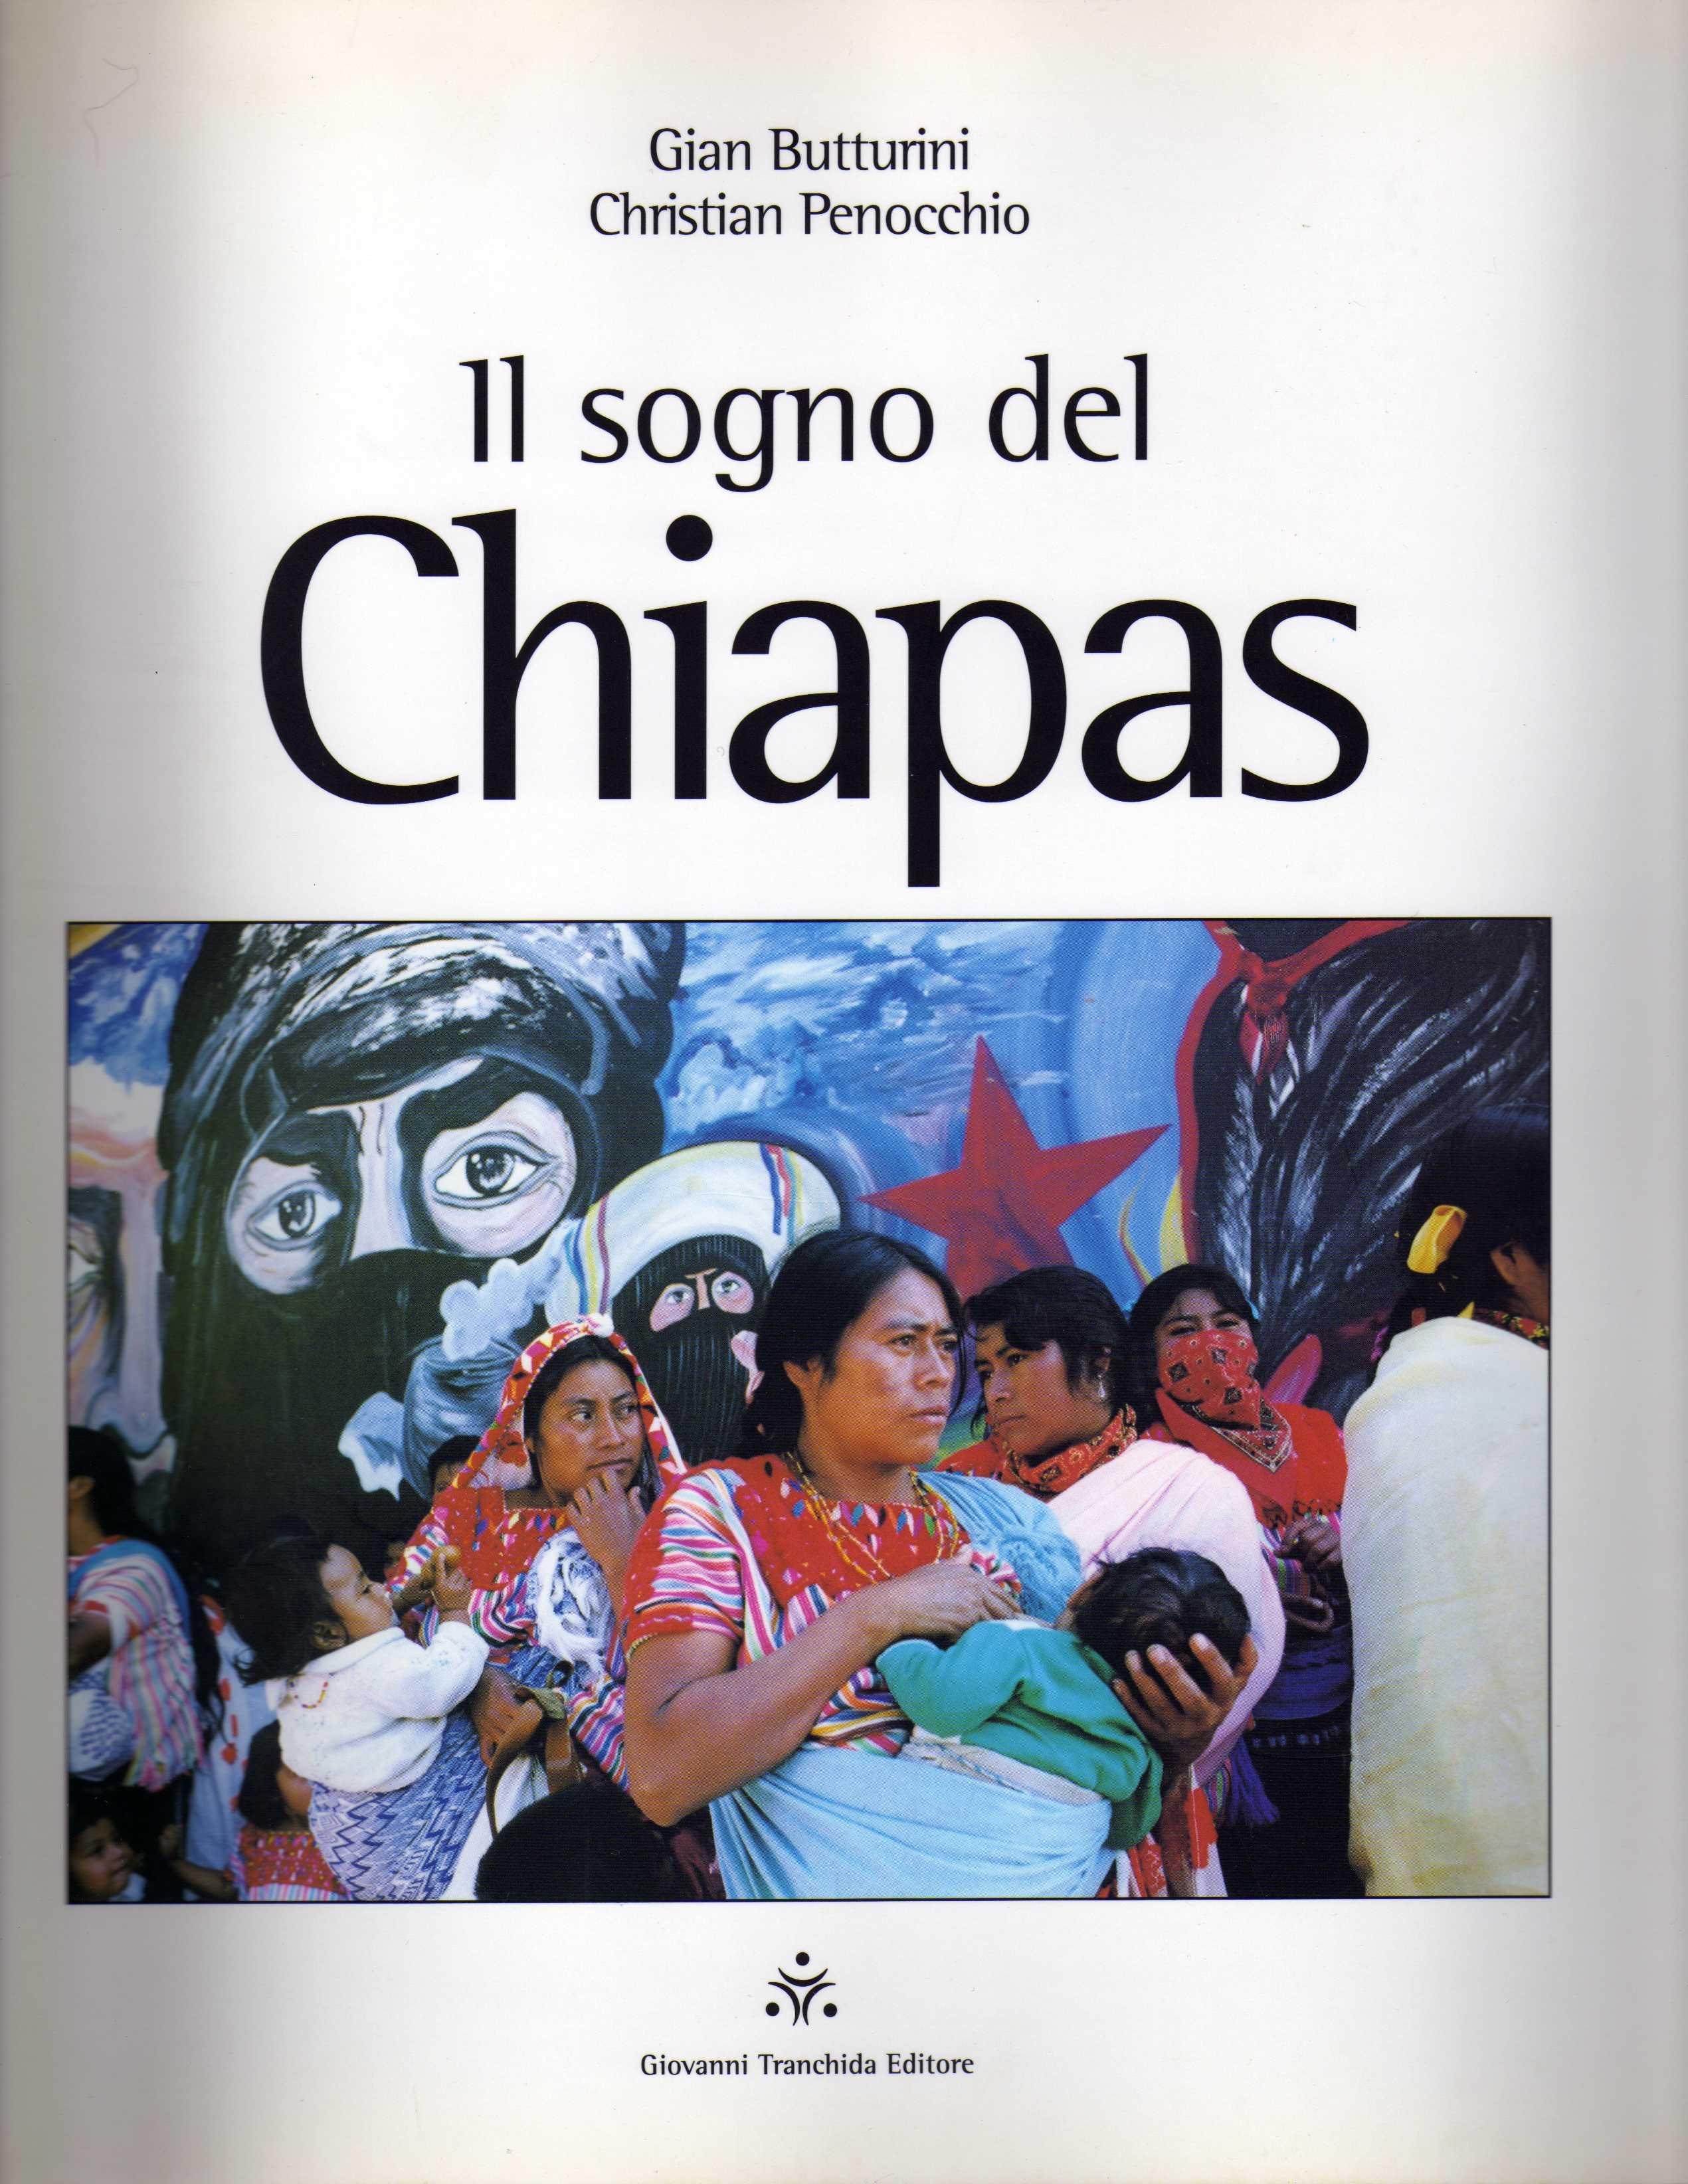 Il sogno del Chiapas